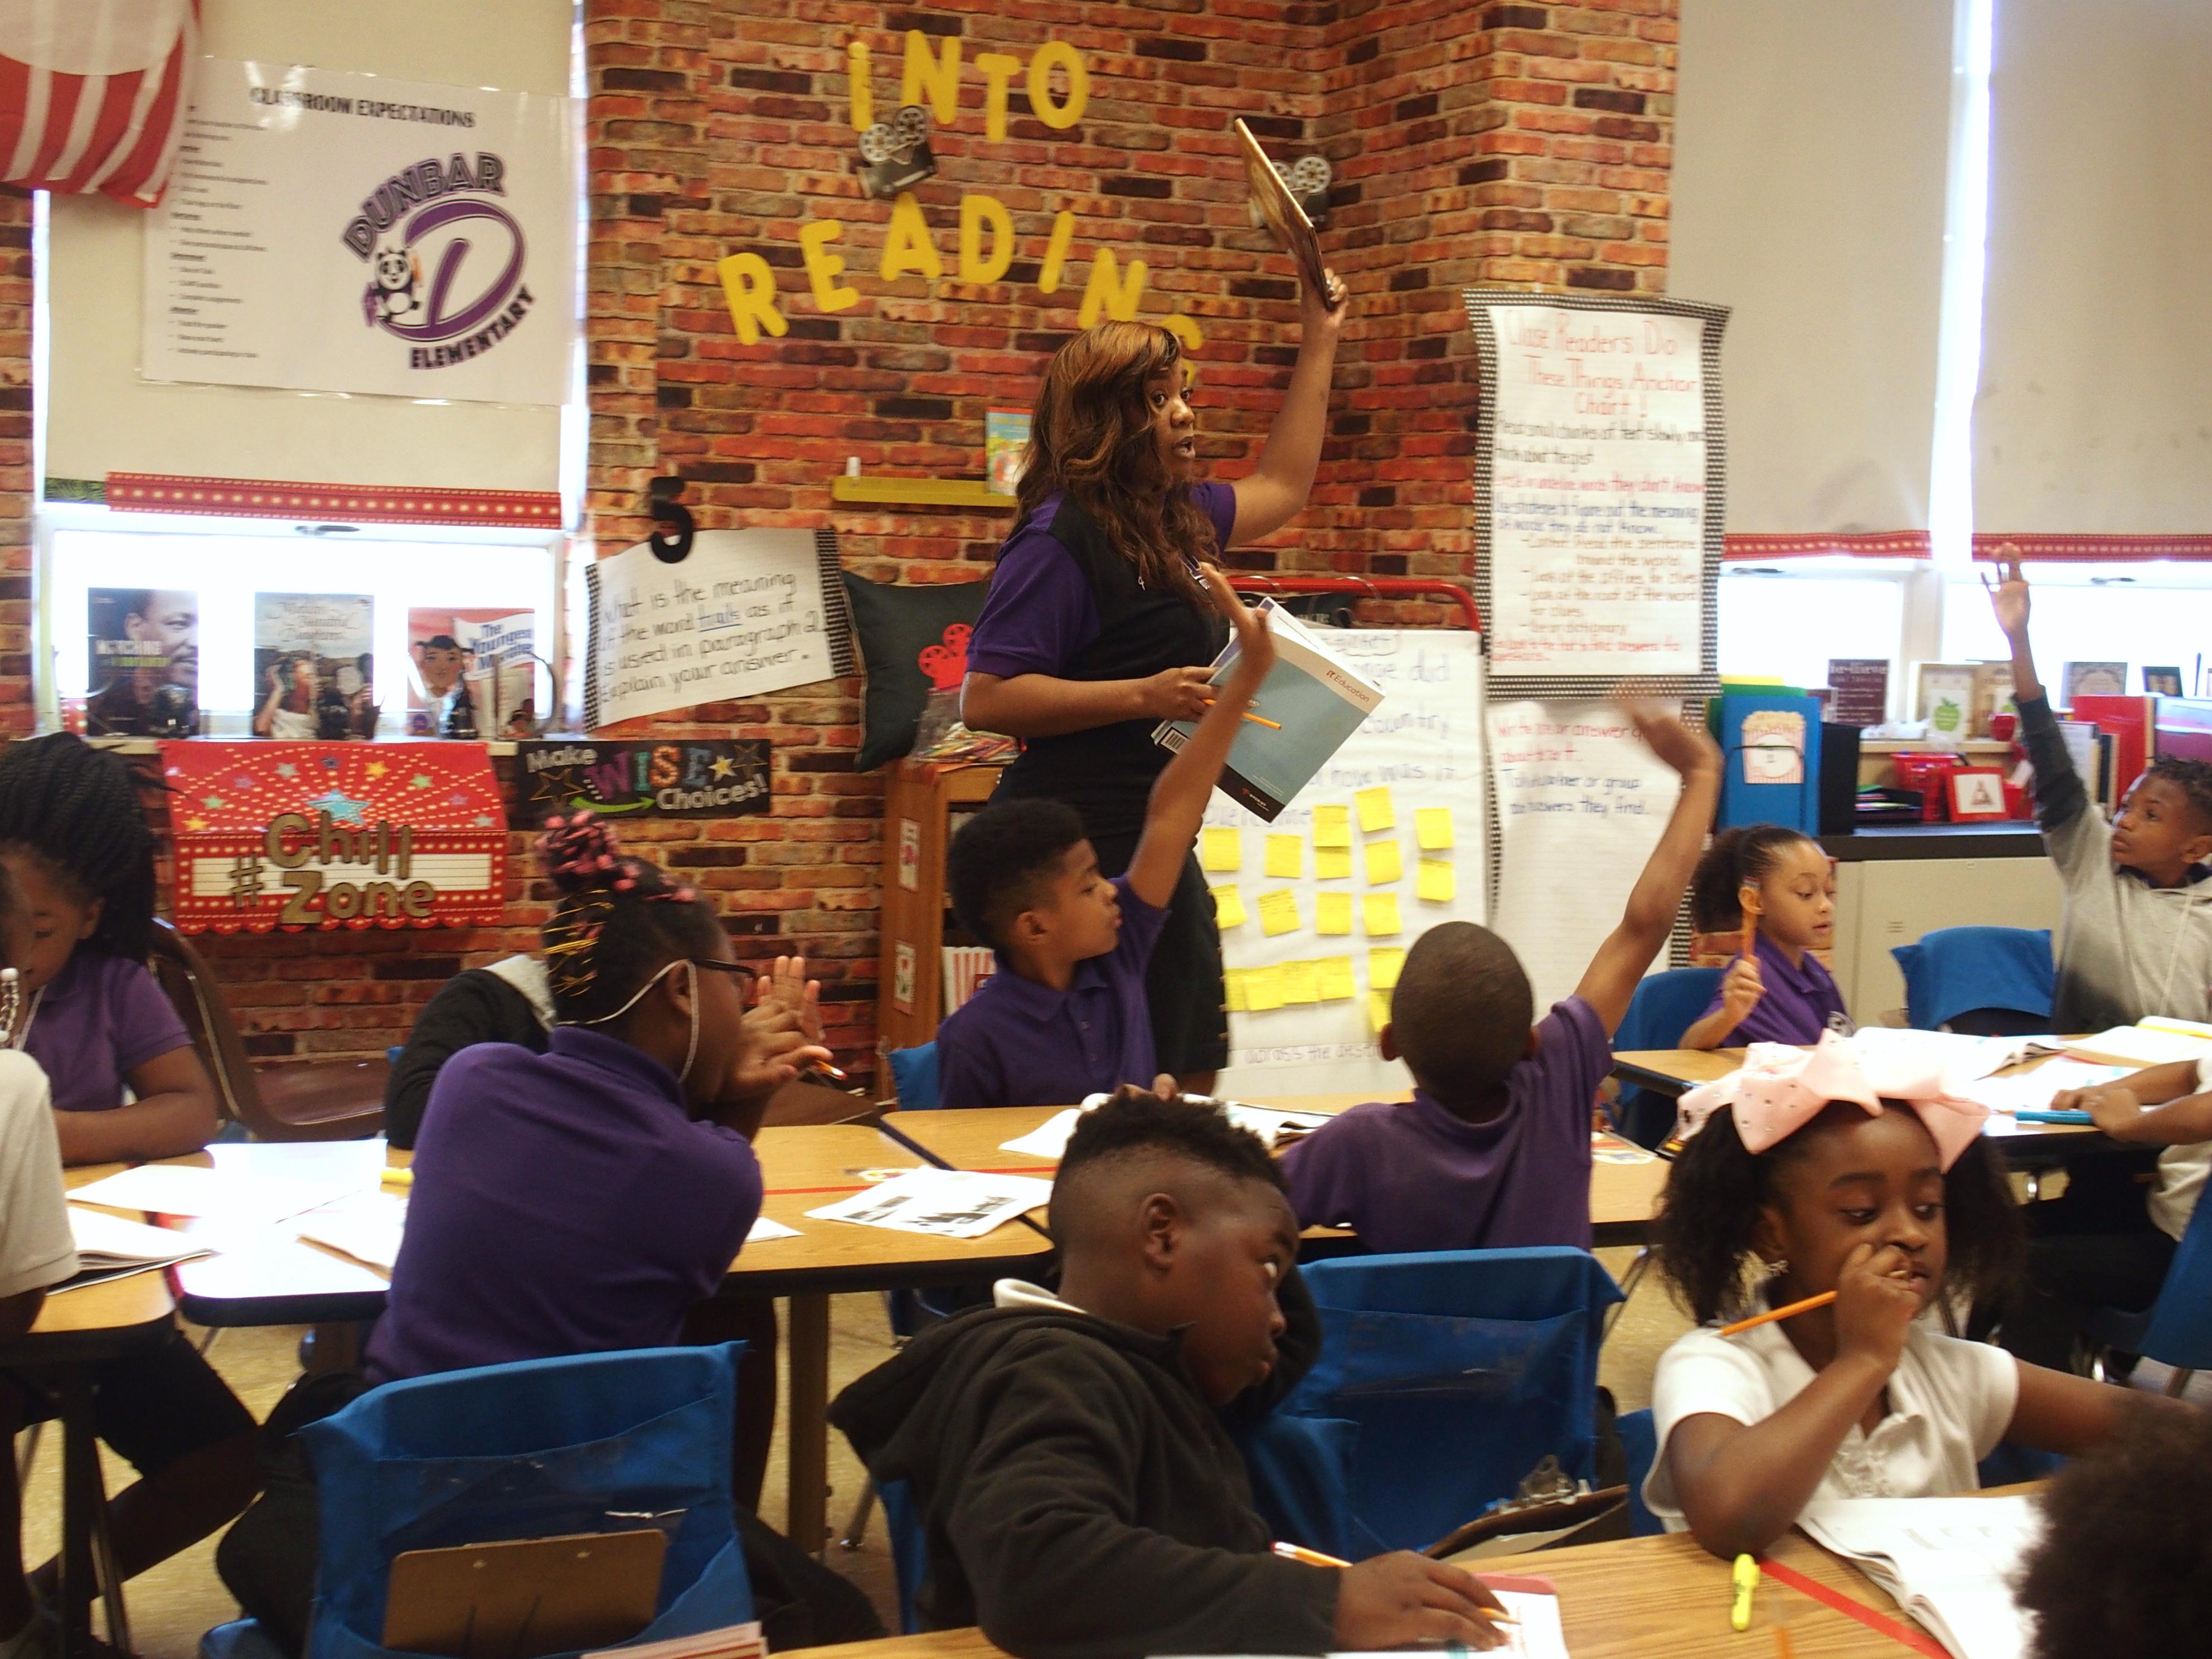 Taurus Brazil, a third grade English teacher at Dunbar Elementary School.